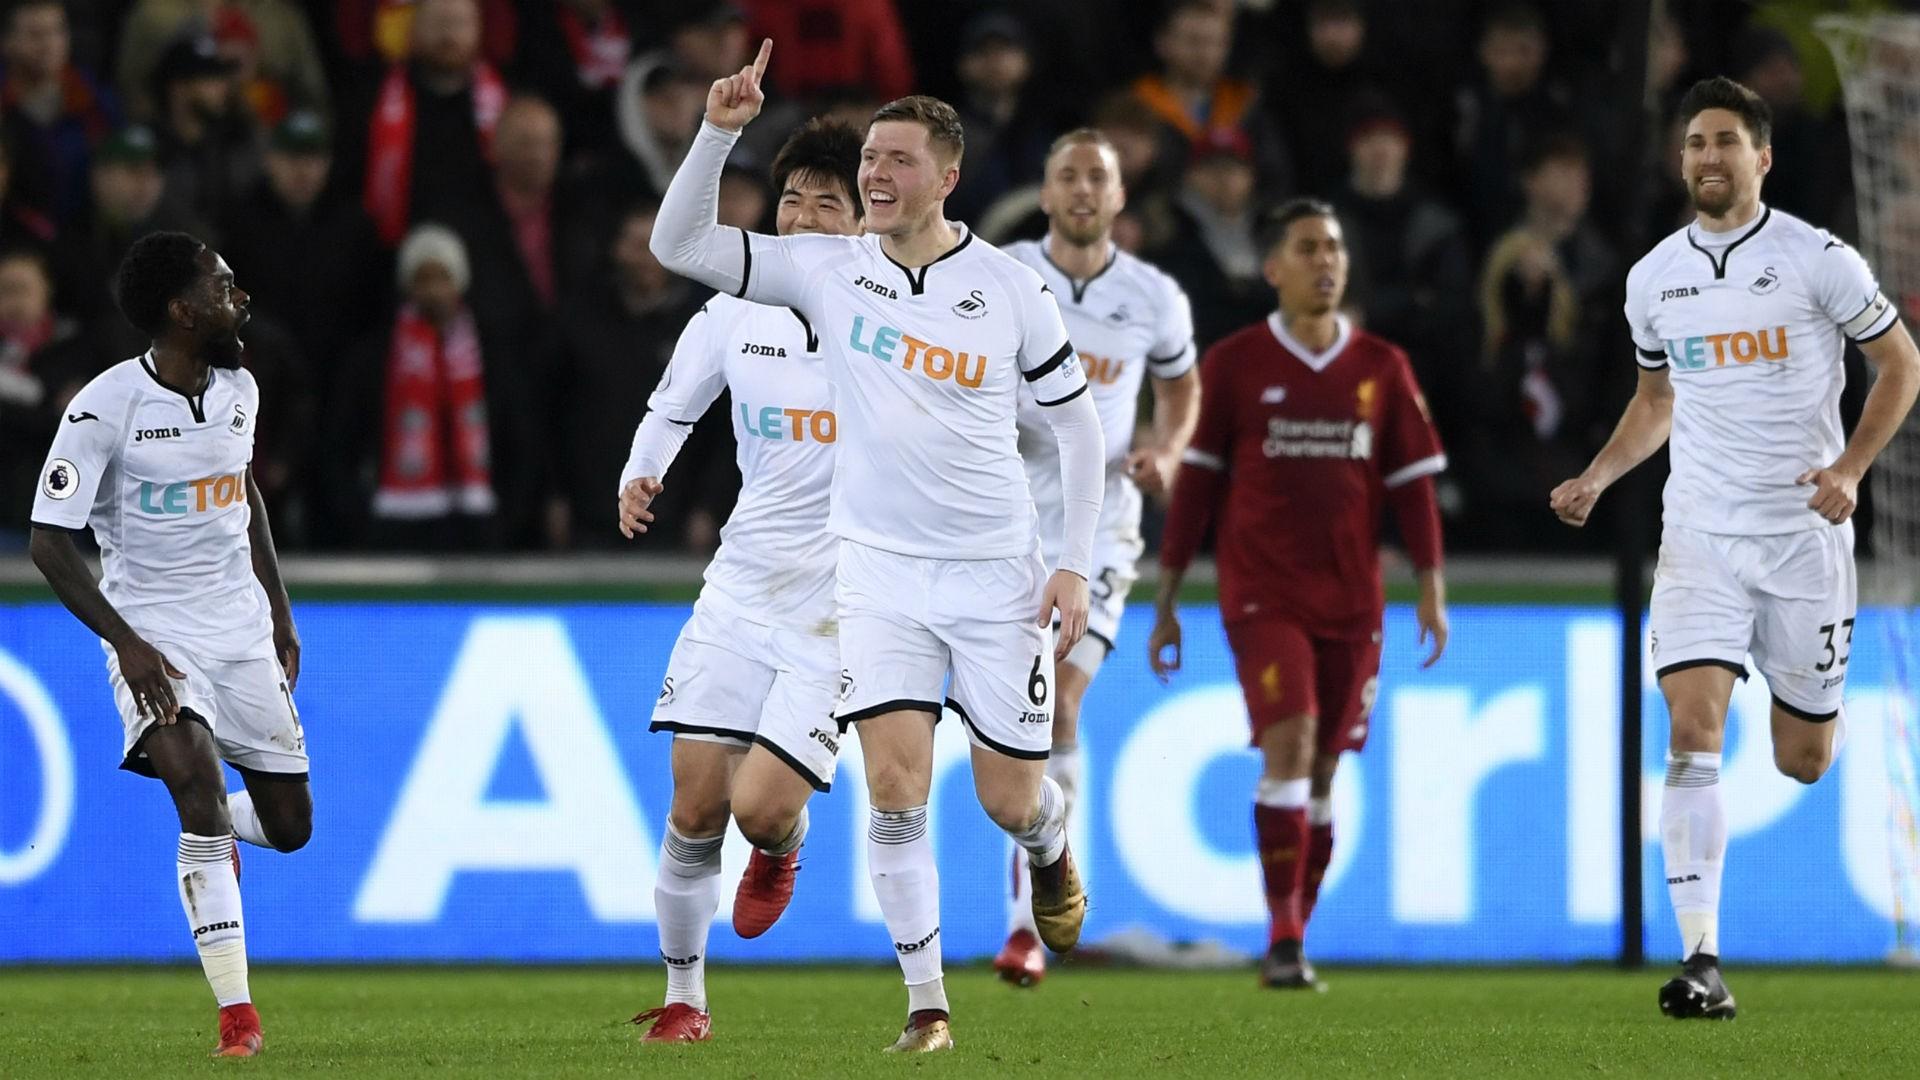 BPL (2017-2018) Report: Swansea City 1 Liverpool 0 - Mawson ends Reds' unbeaten run